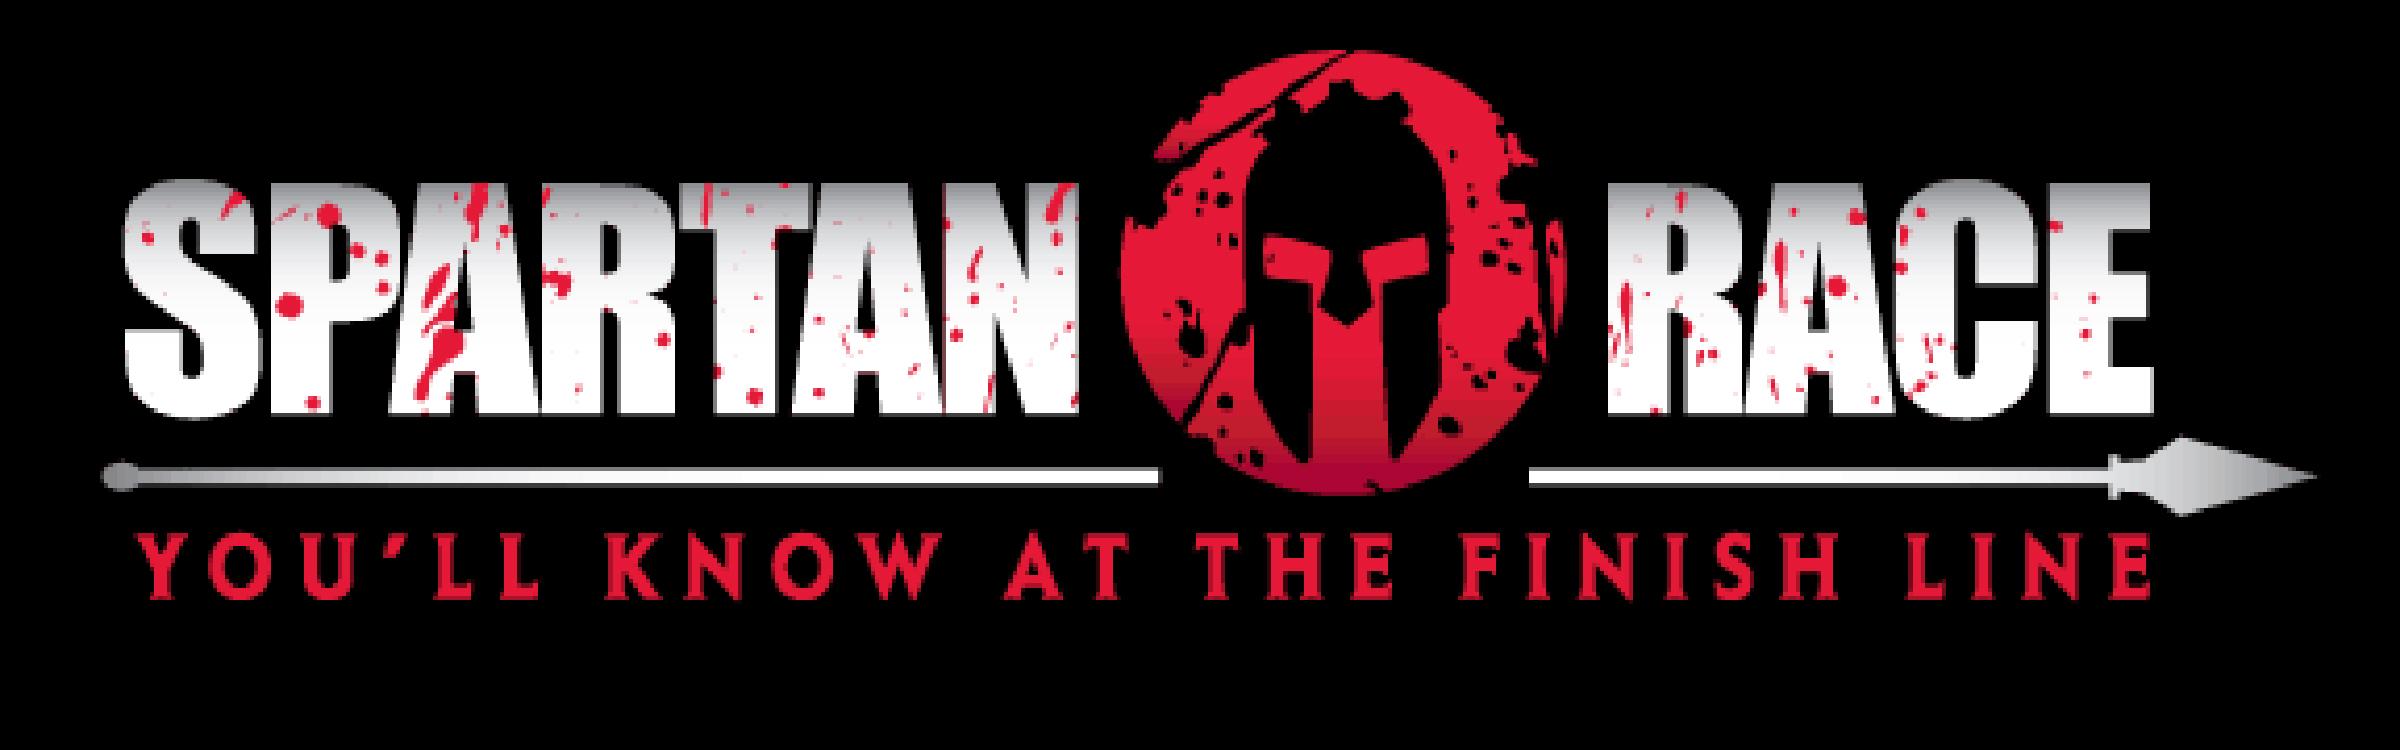 Crónica de la Spartan Race por el entrenador Jorge Rey Mota carreras de obstáculos entrenamiento